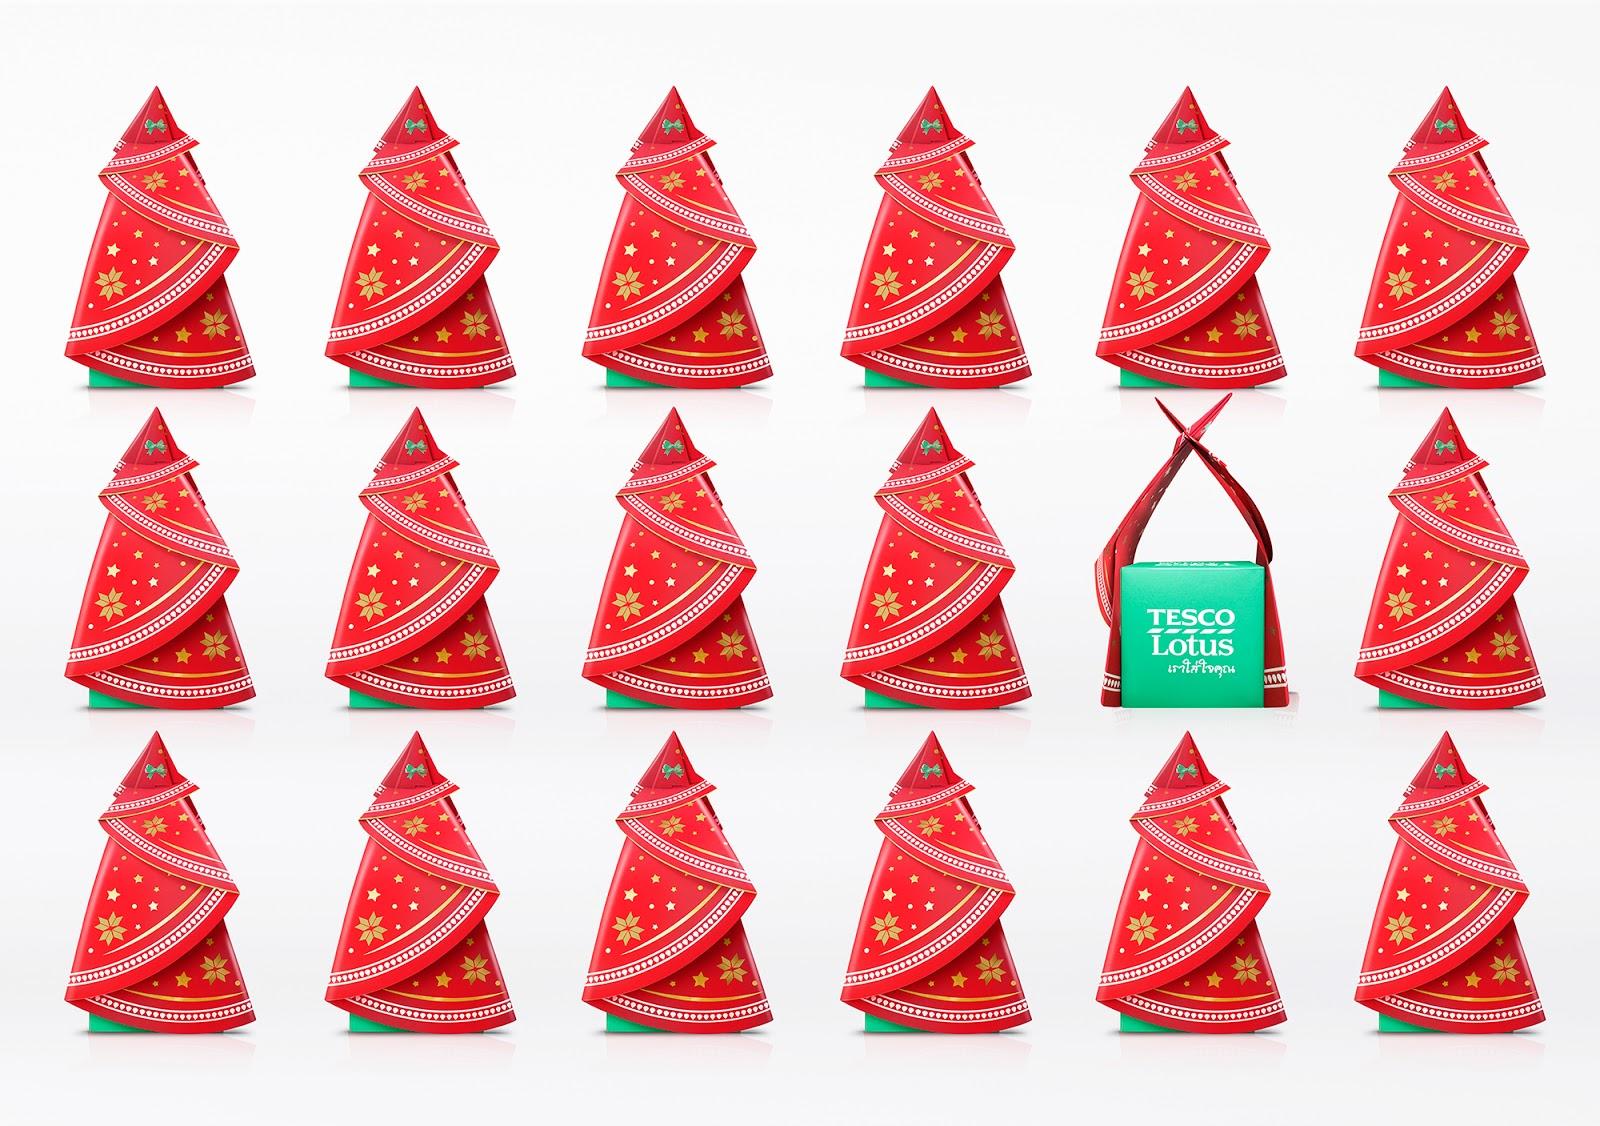 Tesco half price christmas gifts